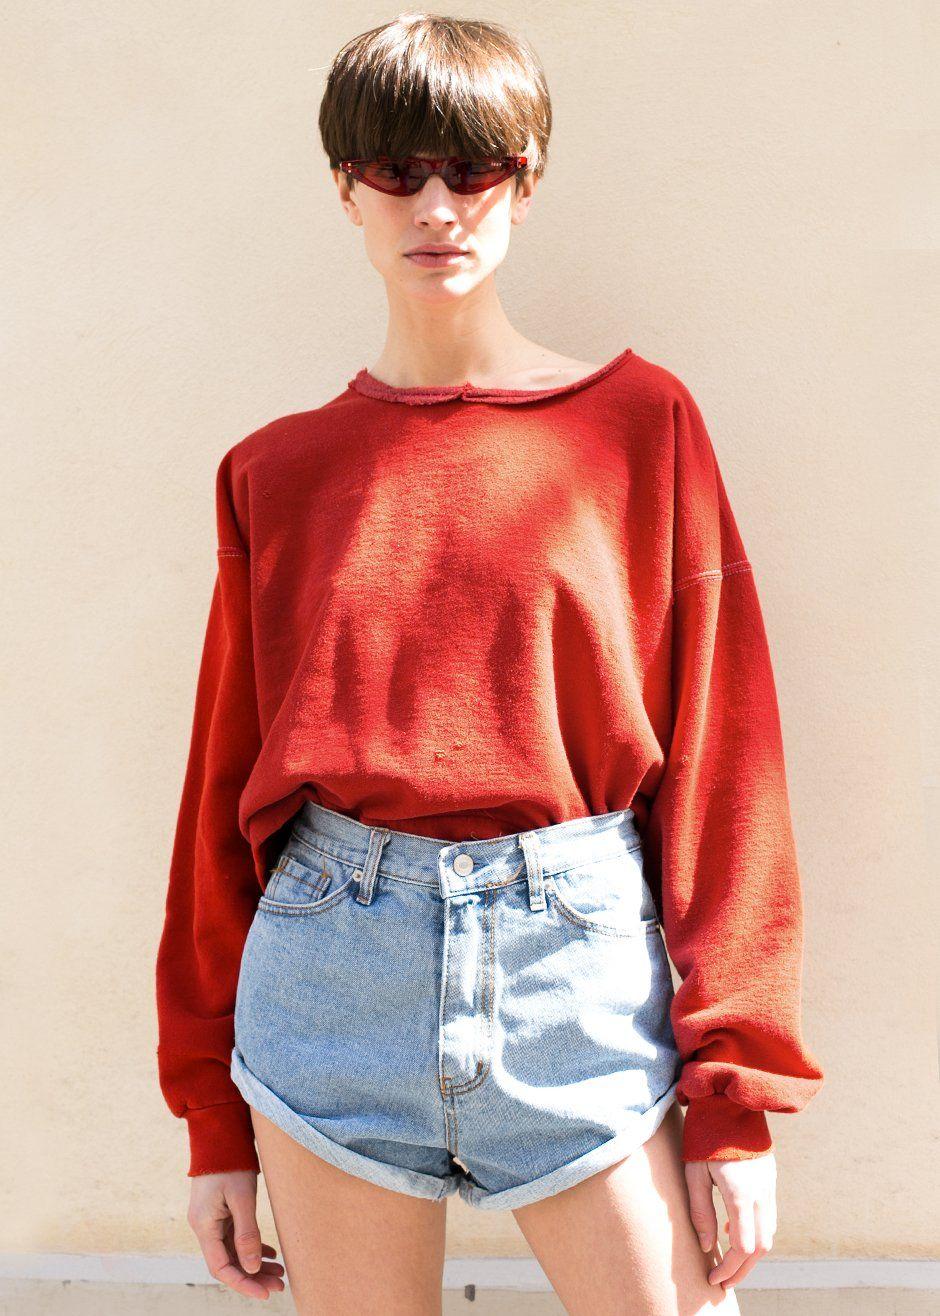 d4e1c7211a ...  Paprika  red  orange  mingle  sweatshirt  ragged  thefrankieshop   frankienyc  frankiegirl Rachel Comey Paprika Mingle Sweatshirt – The  Frankie Shop